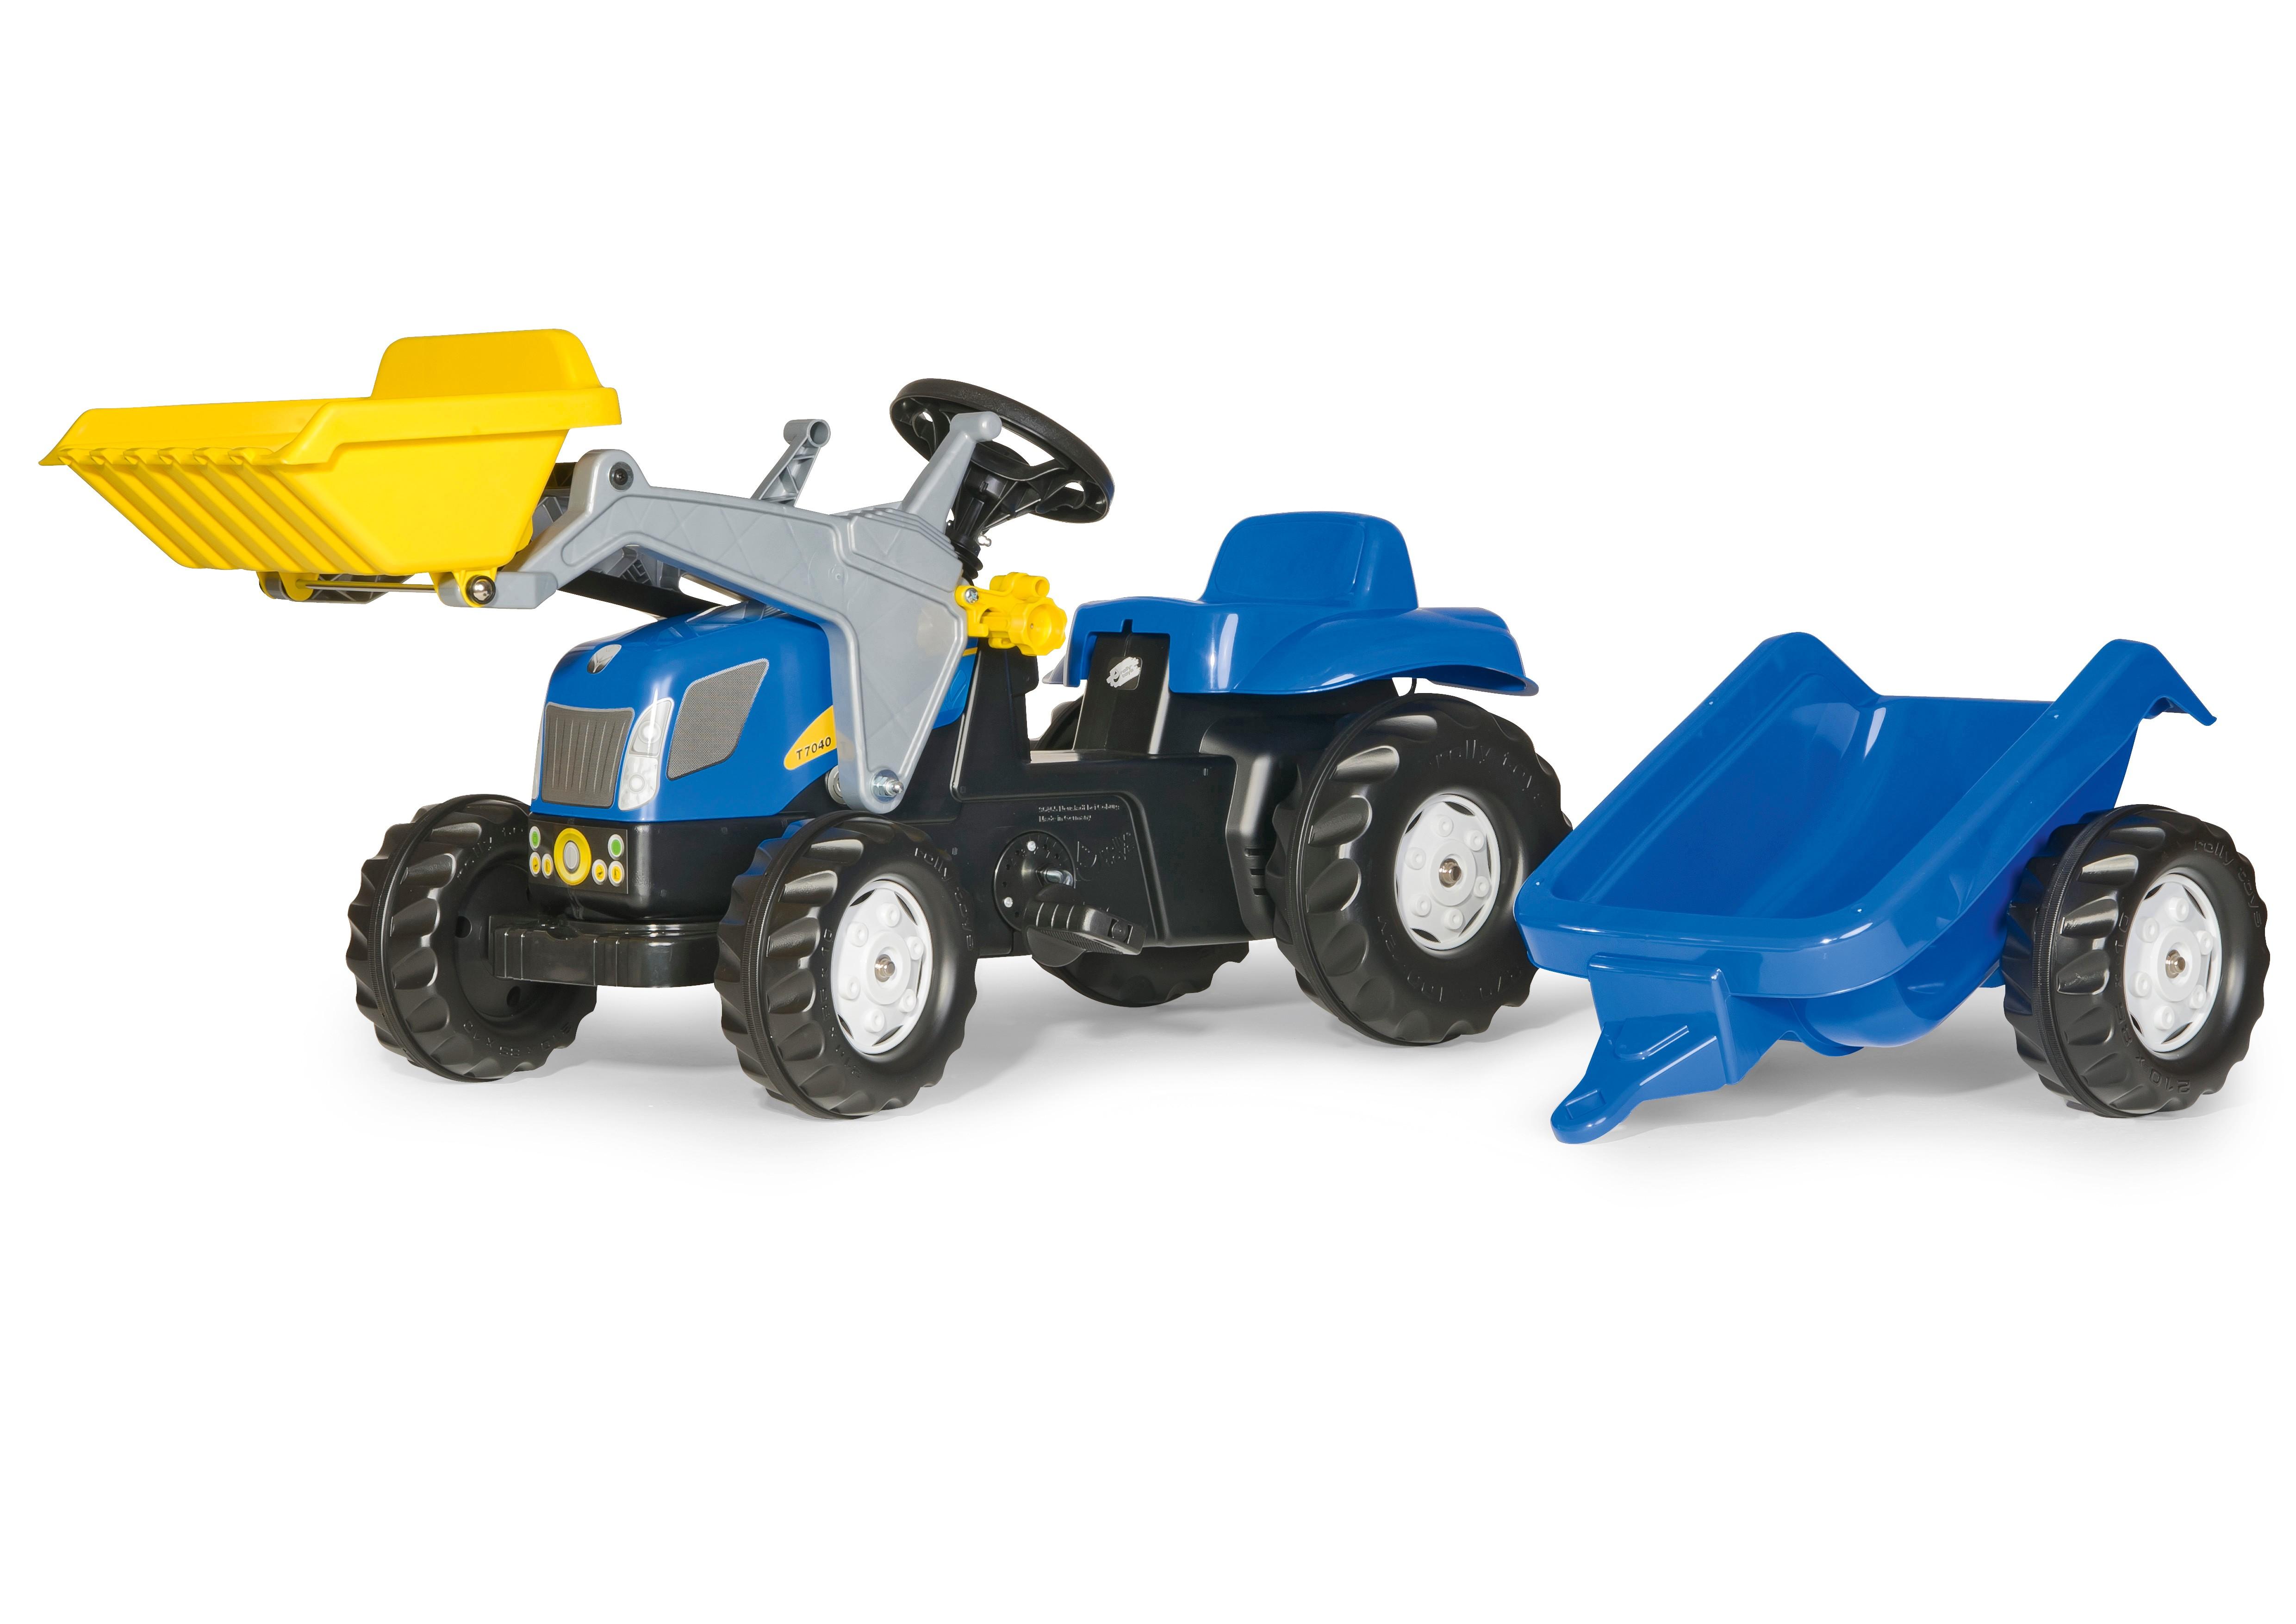 Trettraktor rolly Kid New Holland Frontlader + Anhänger - Rolly Toys Bild 1